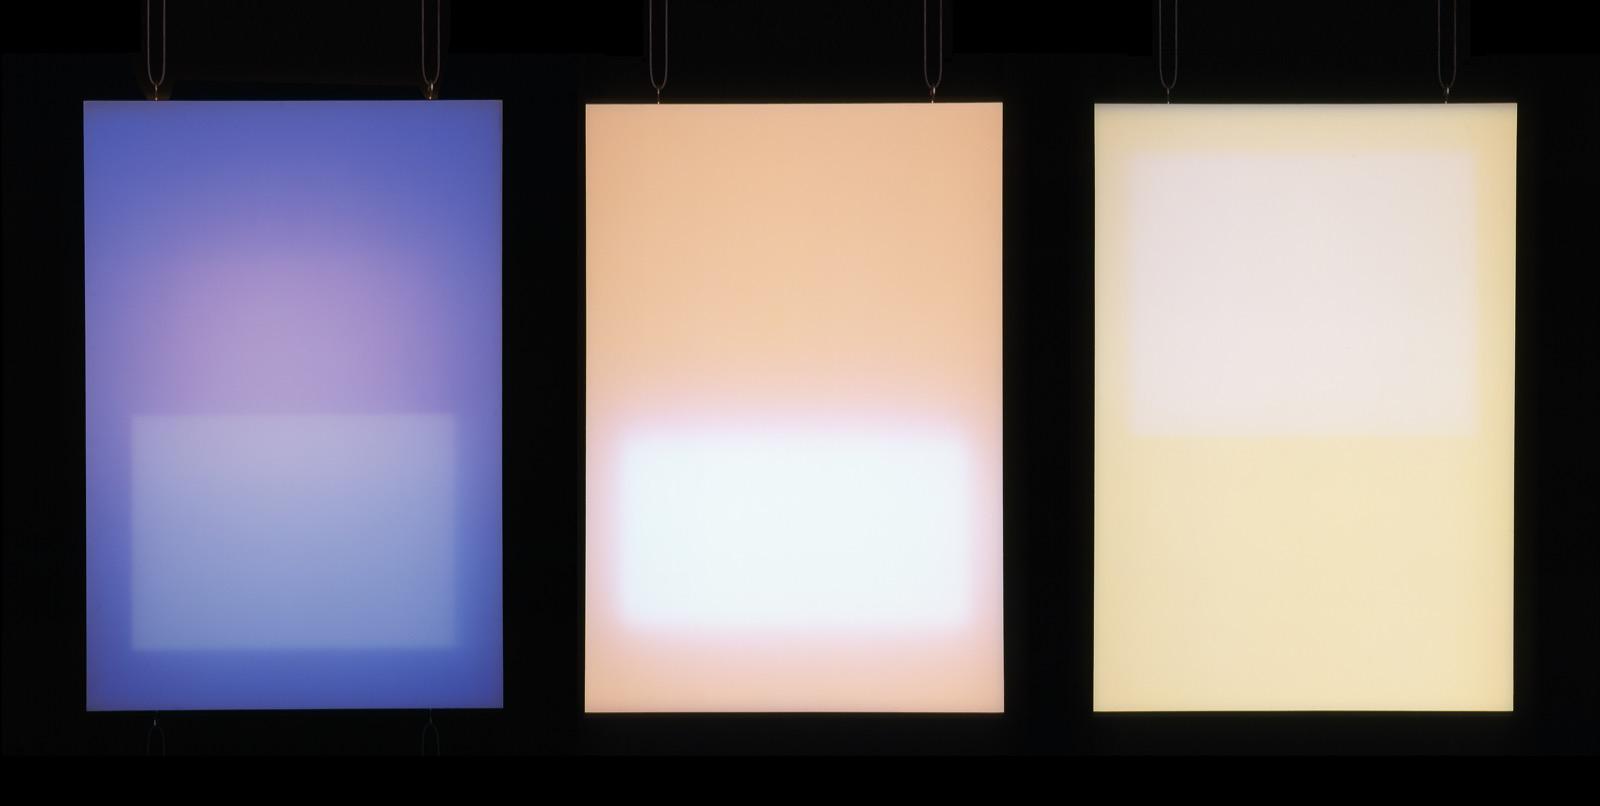 Lichtbilder_Serie_1_03